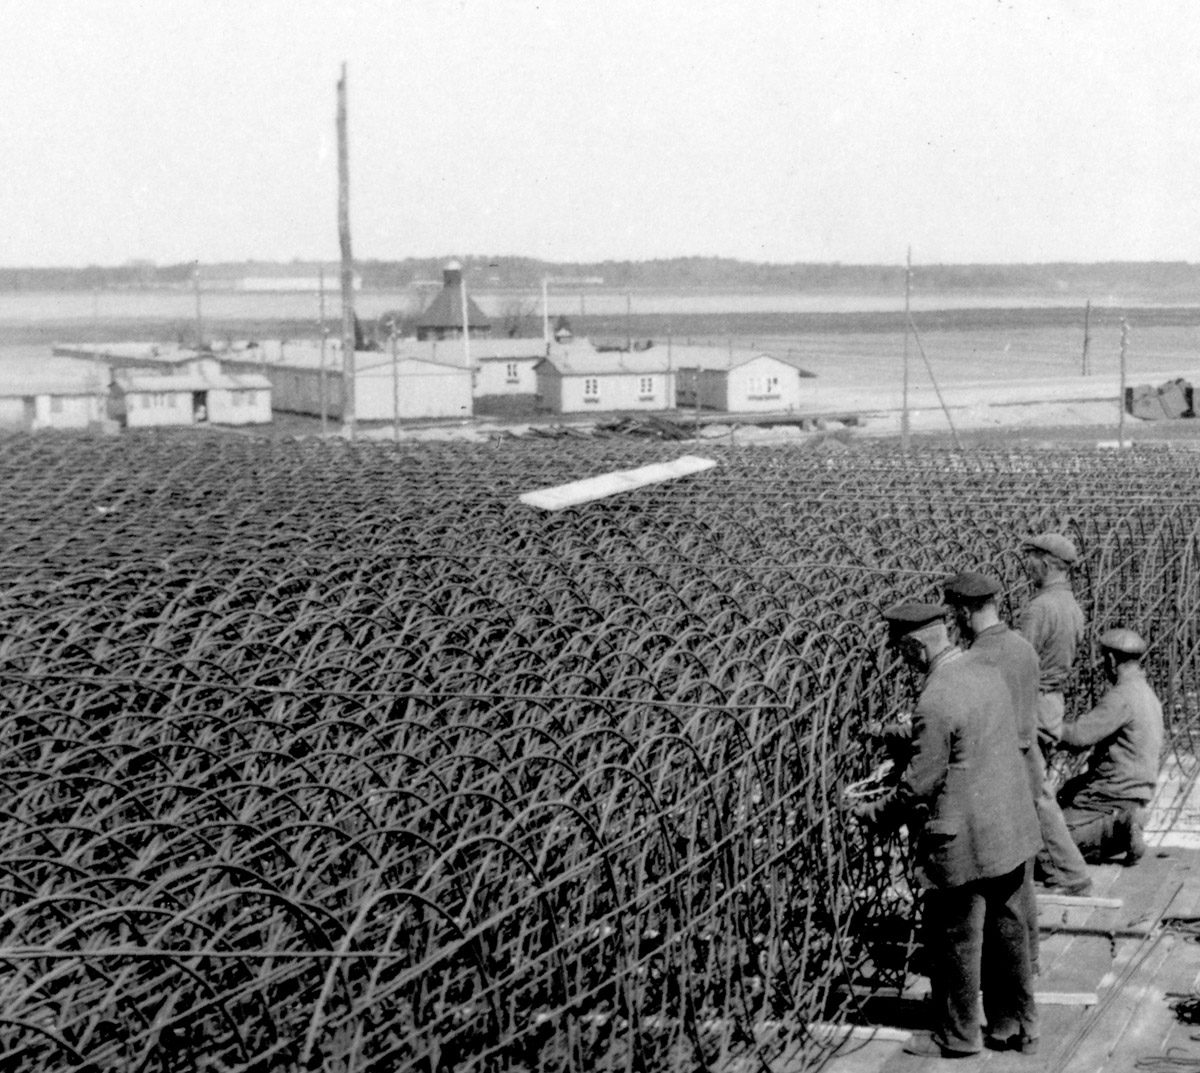 Während des Baus der Schaltwarte des Kraftwerks ist im Hintergrund die Kapelle Peenemünde inmitten der wenigen noch verbliebenen Gebäude des ursprünglichen Dorfes zu sehen. Foto: Josef Greiner, Mai 1941 (HTM Peenemünde, Archiv)